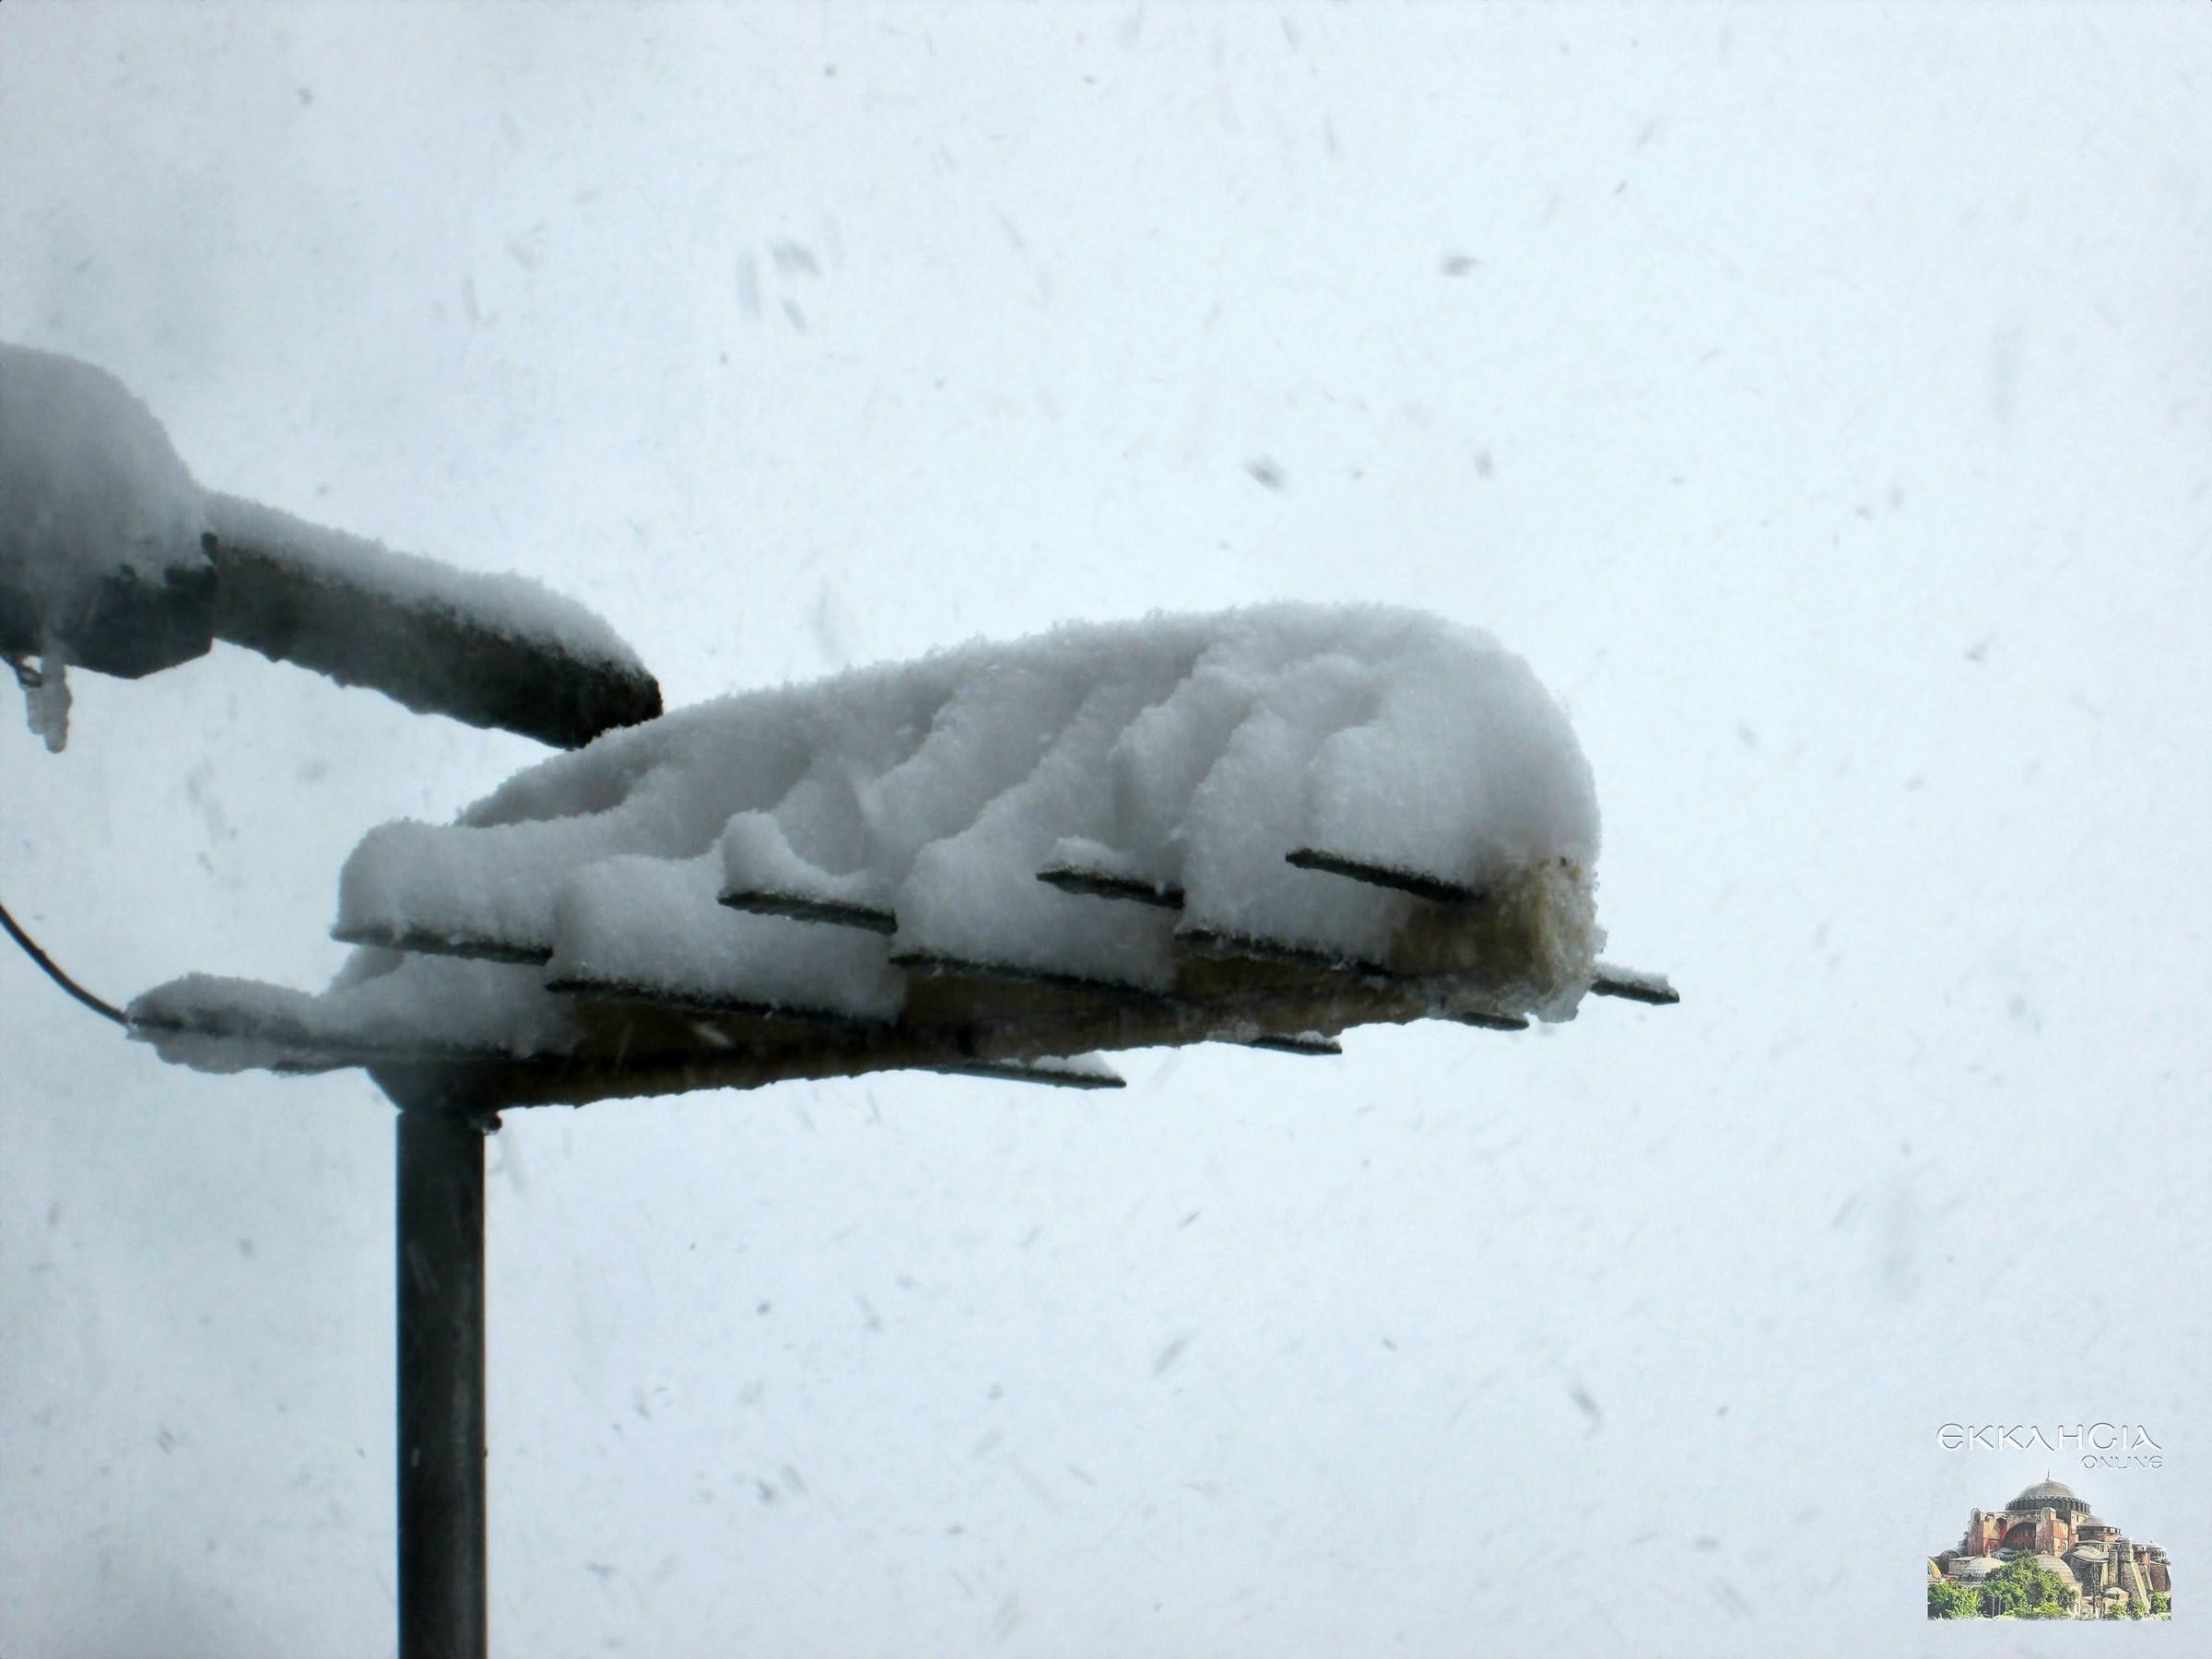 καιρος χιονια ζηνοβια